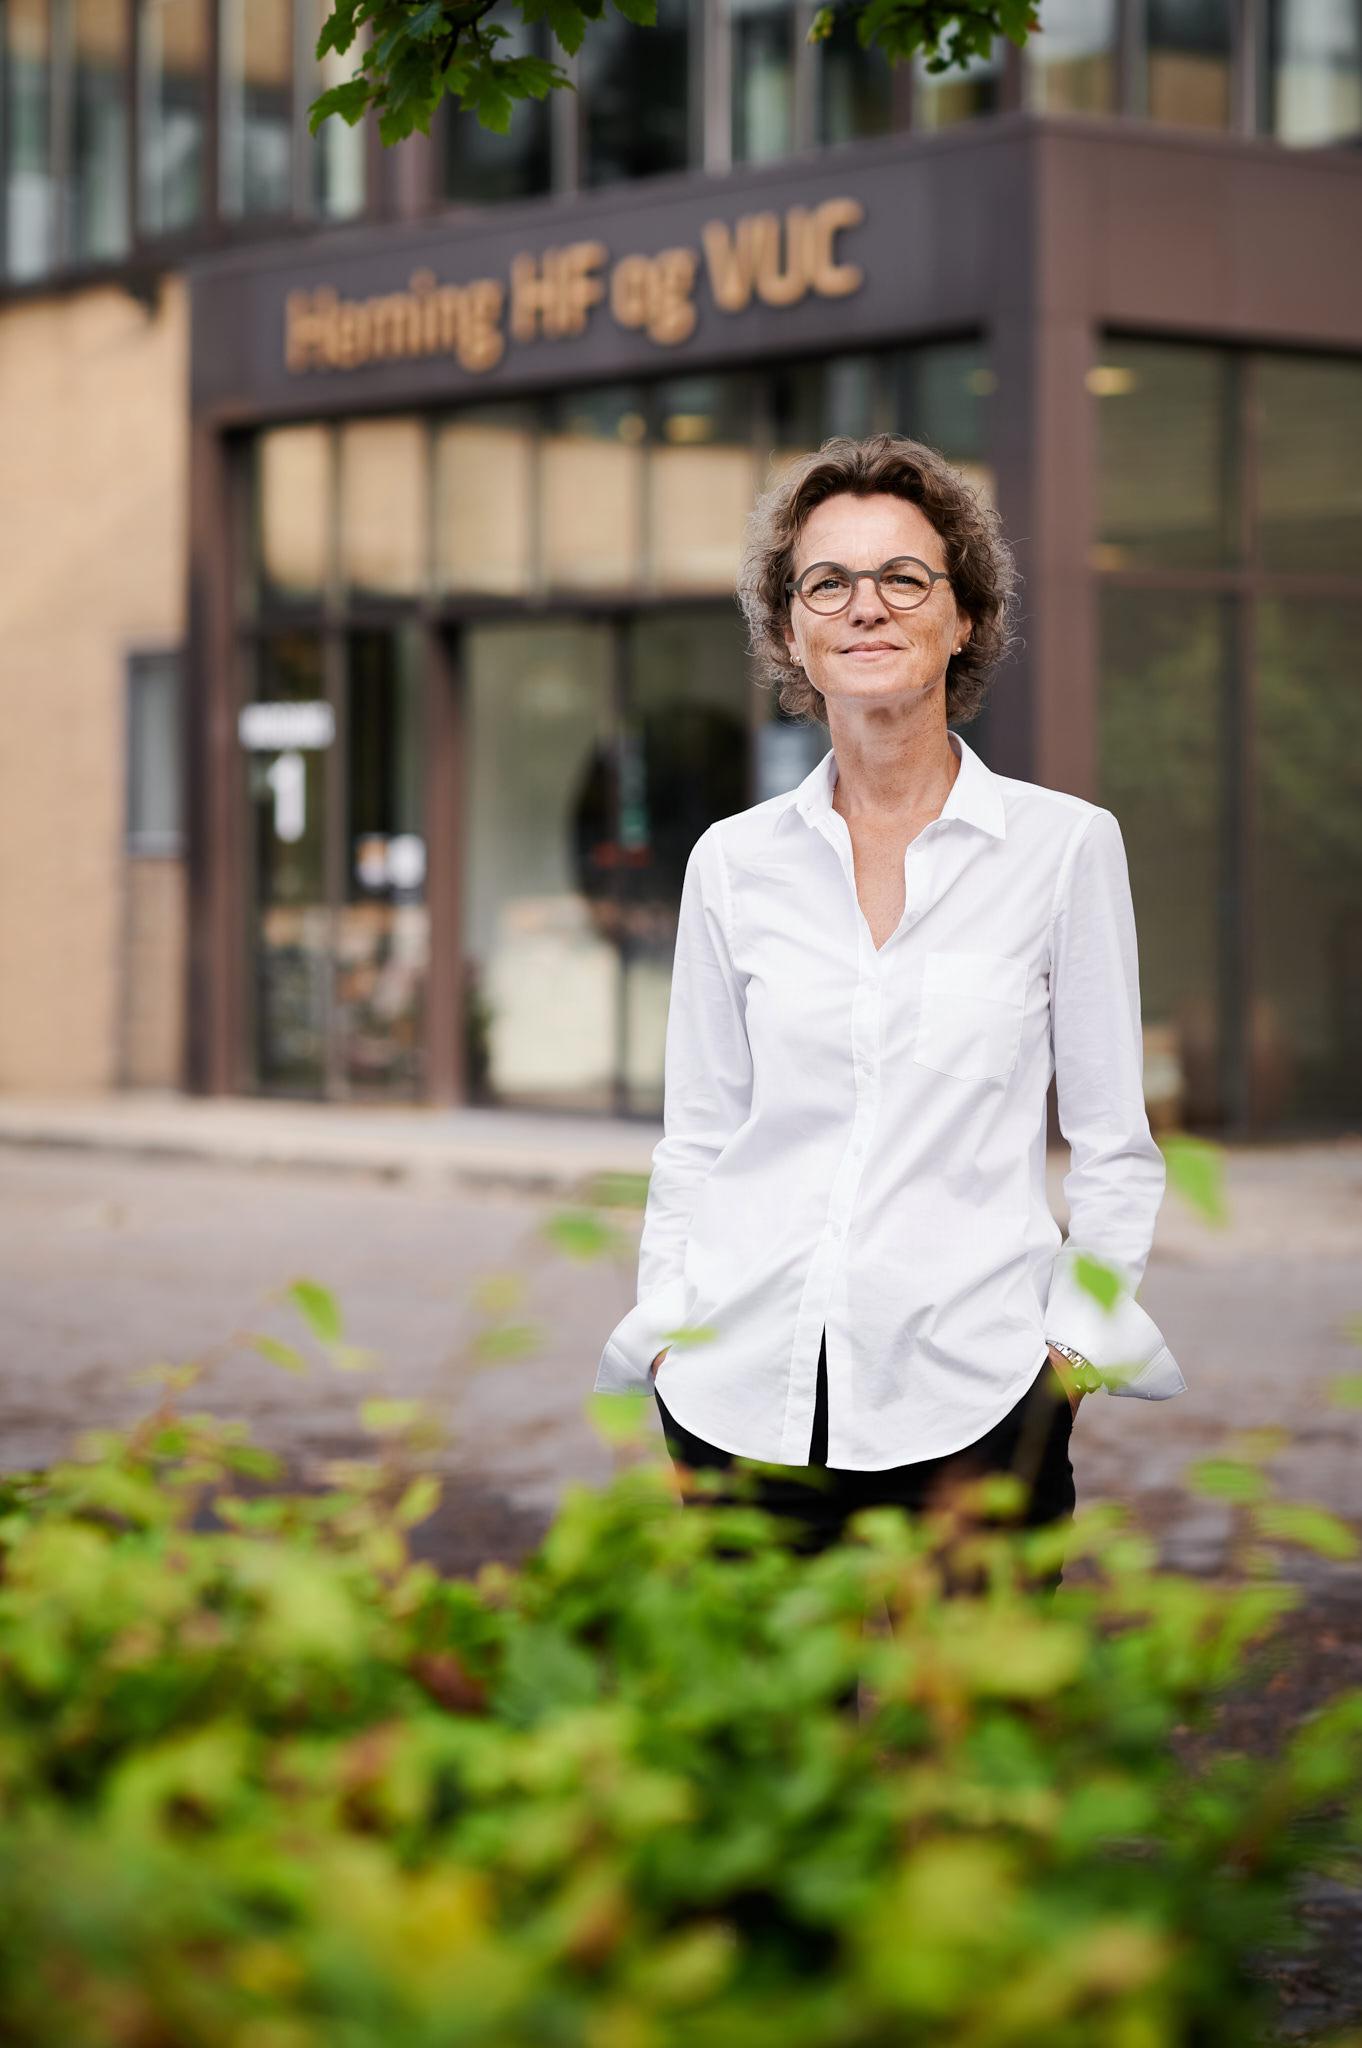 Fotograf Herning Portræt af Rektor